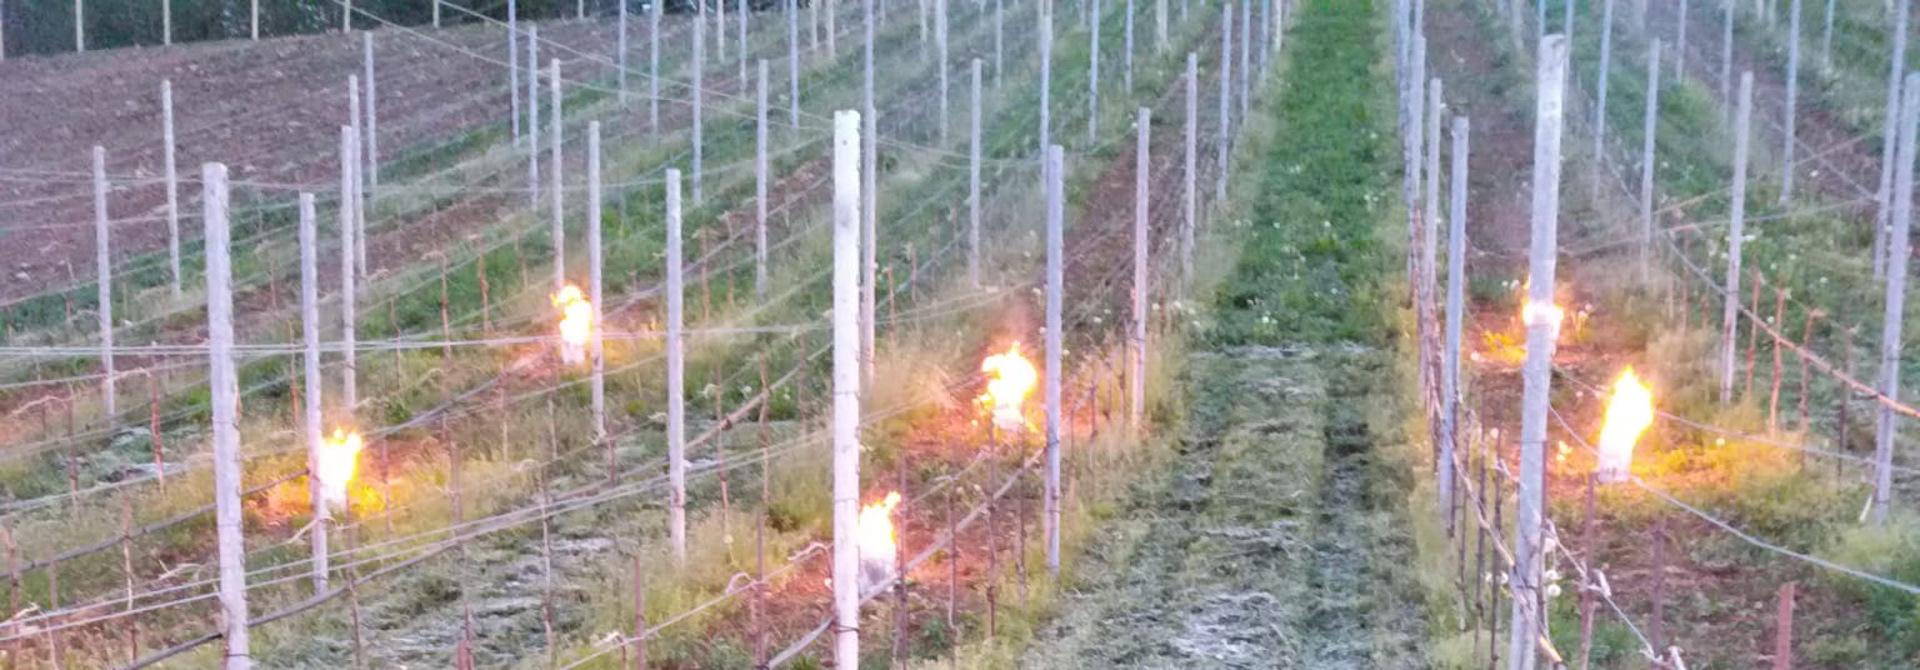 Kerzen werden eingesetzt um die Reben vor Frostschu00e4den zu schu00fctzen>